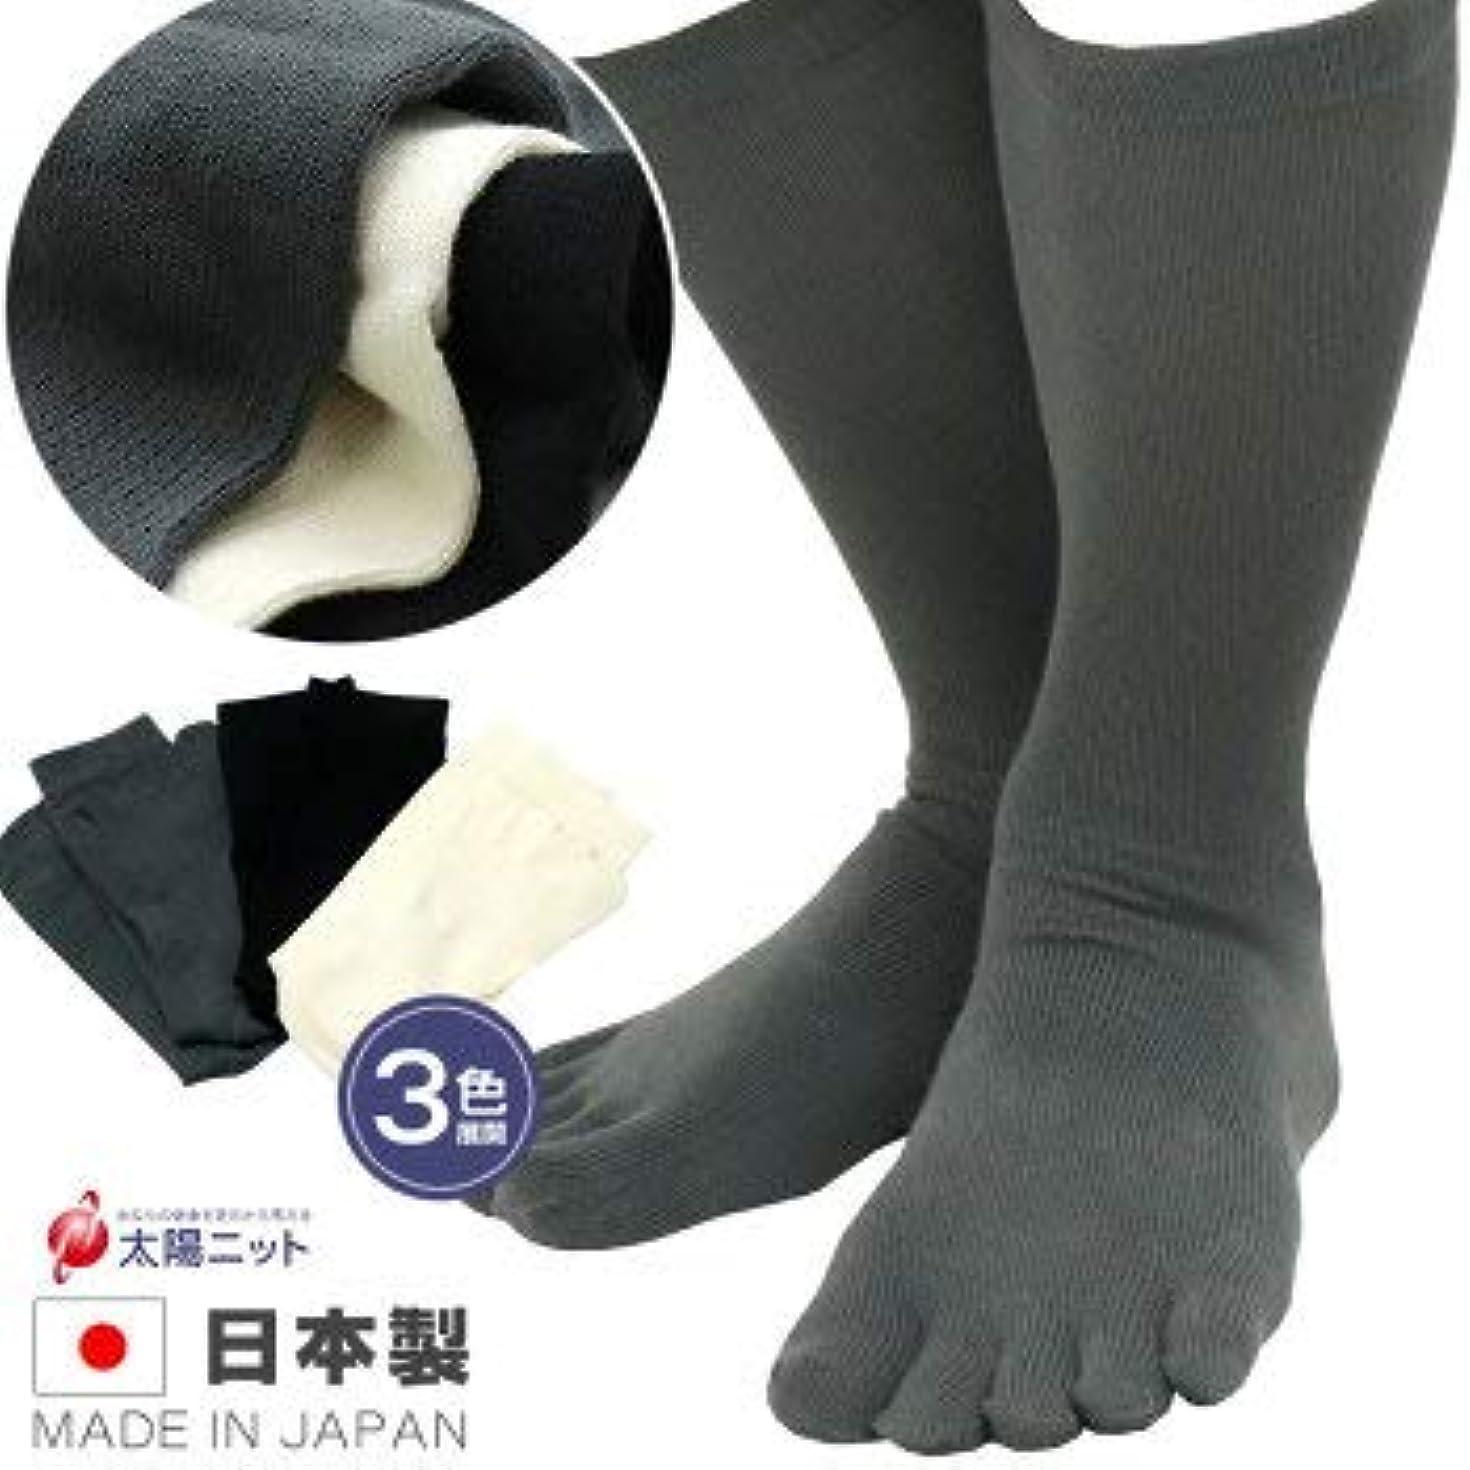 ライセンス仲人無傷男性用 綿100% 5本指 靴下 におい ムレ 対策 24-26㎝ 太陽ニッ ト321 (ホワイト)